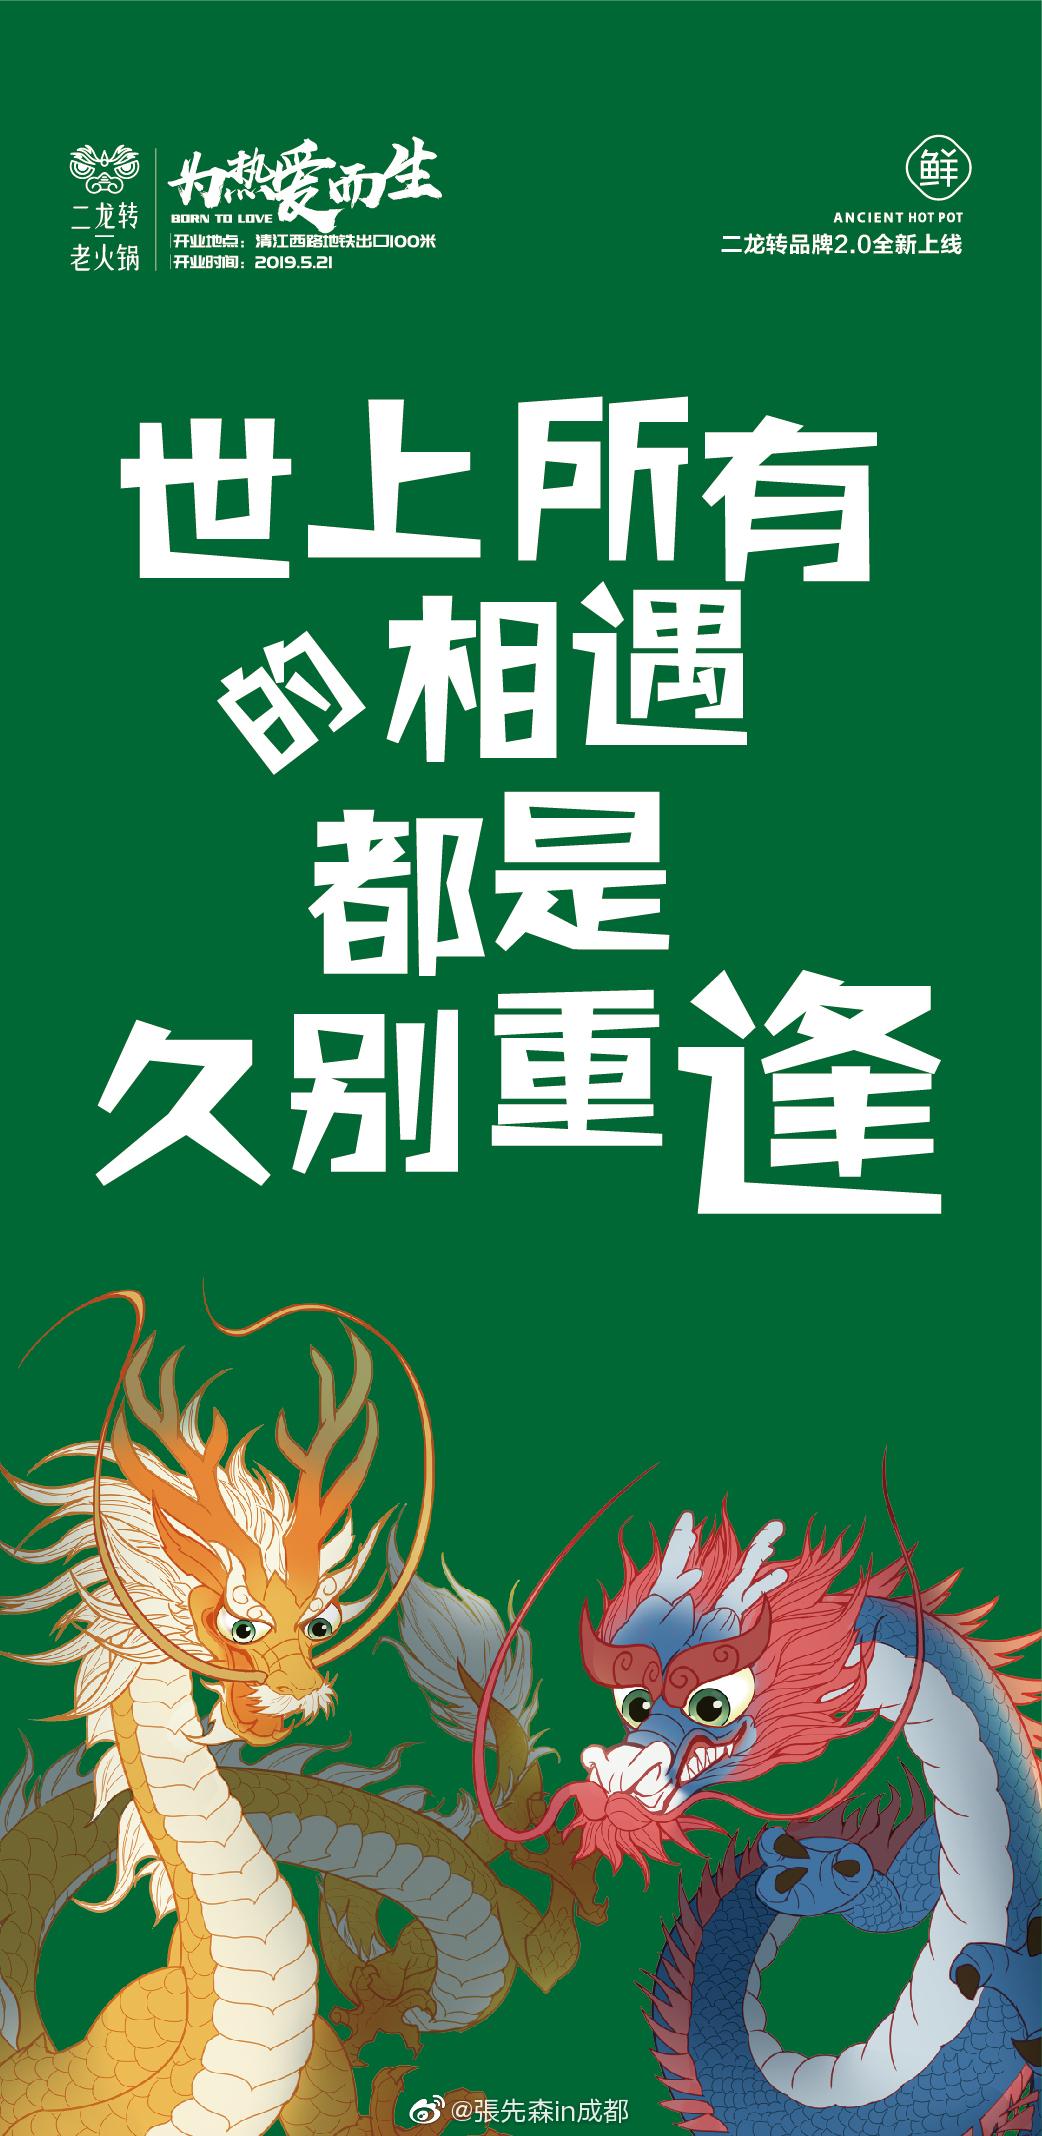 明明可以靠颜值偏偏要做匠心火锅成都最帅老板的火锅店二龙转老火